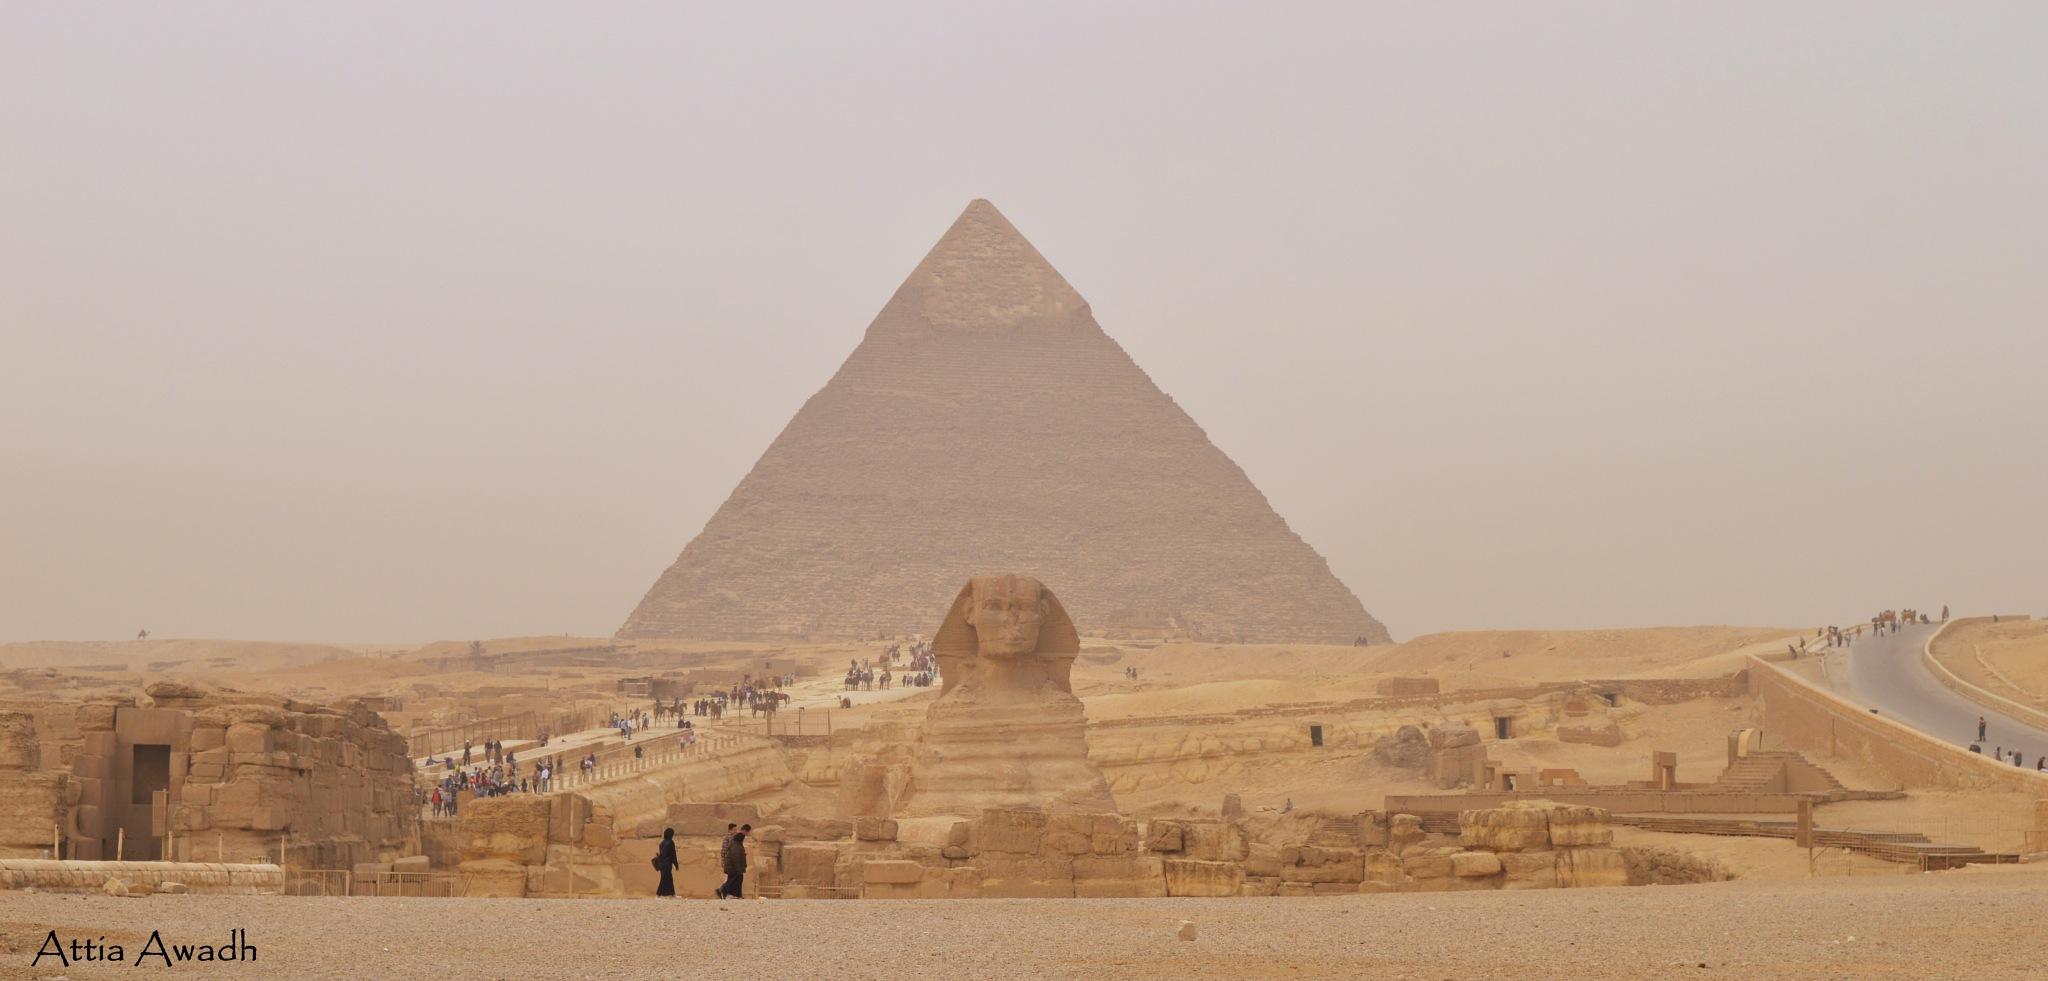 Pyramids by Attia Awadh